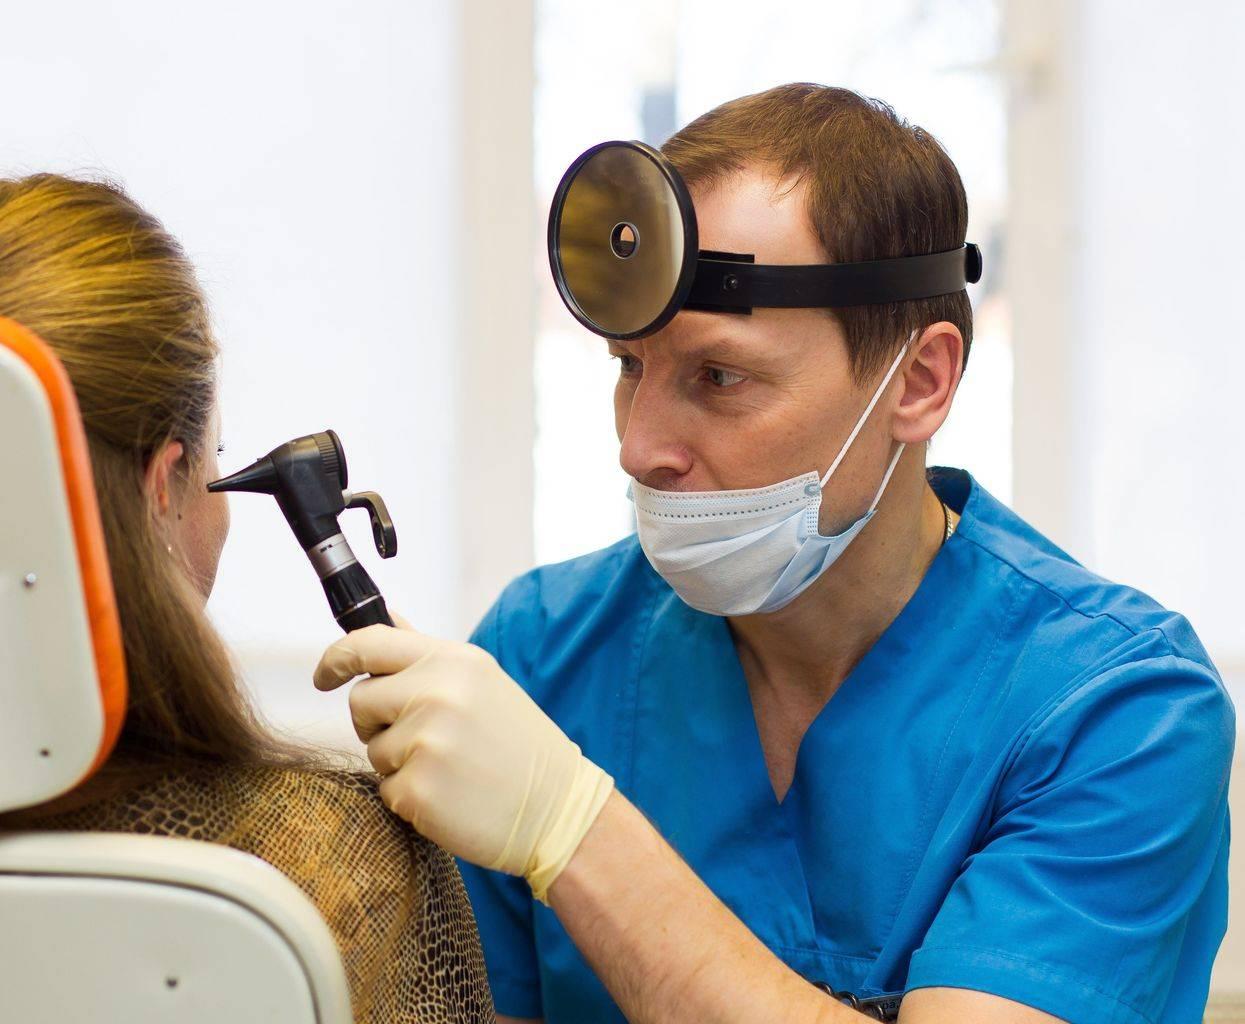 Как называется врач по ушам. как правильно называется врач ухо-горло-нос? как называется врач «ухо, горло, нос»